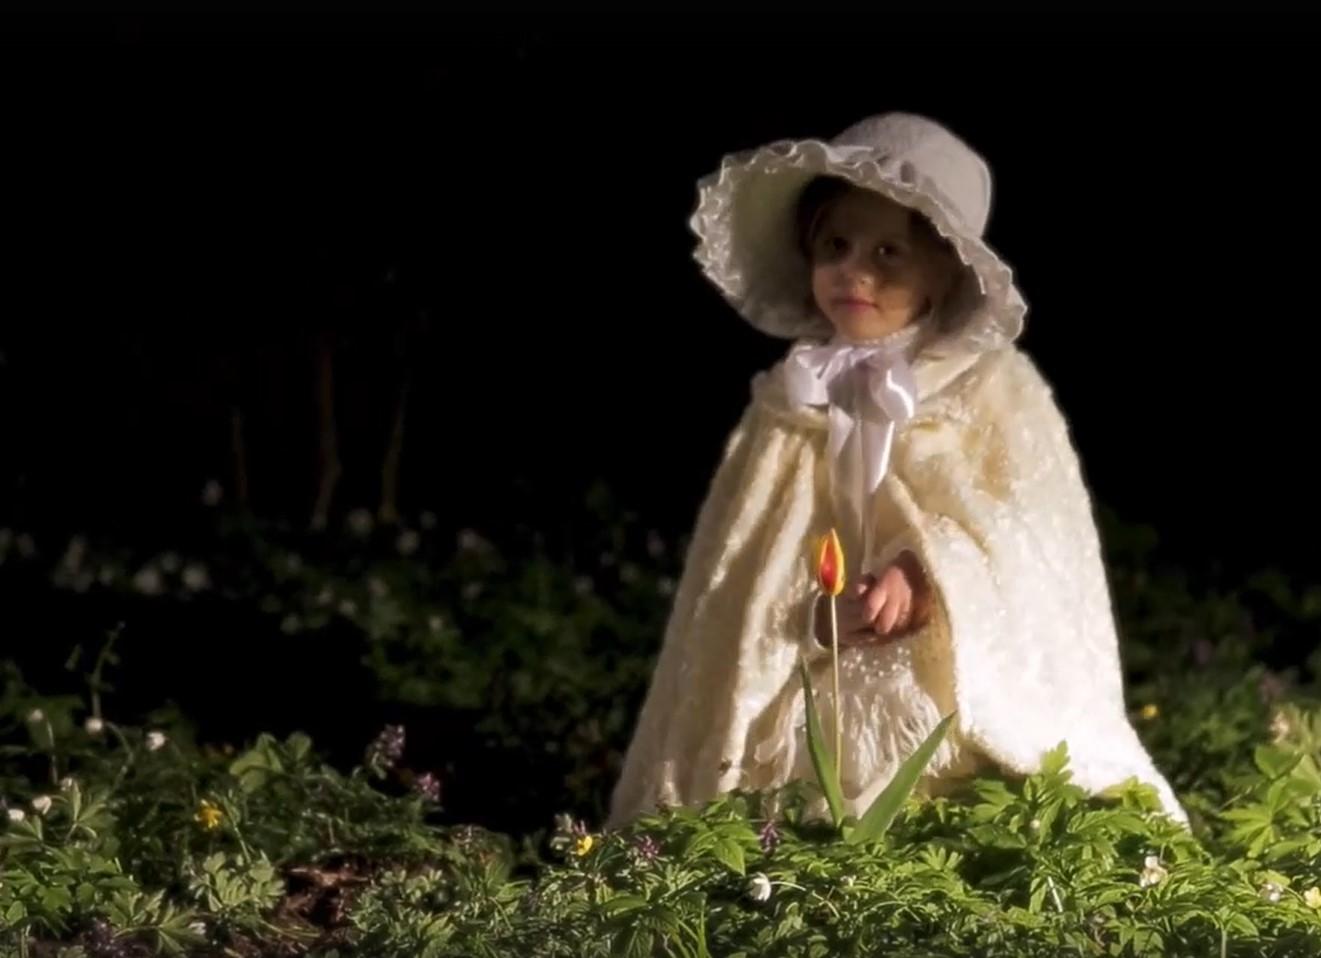 Выставка кукол-героев картин Венецианова открылась в Тверской области